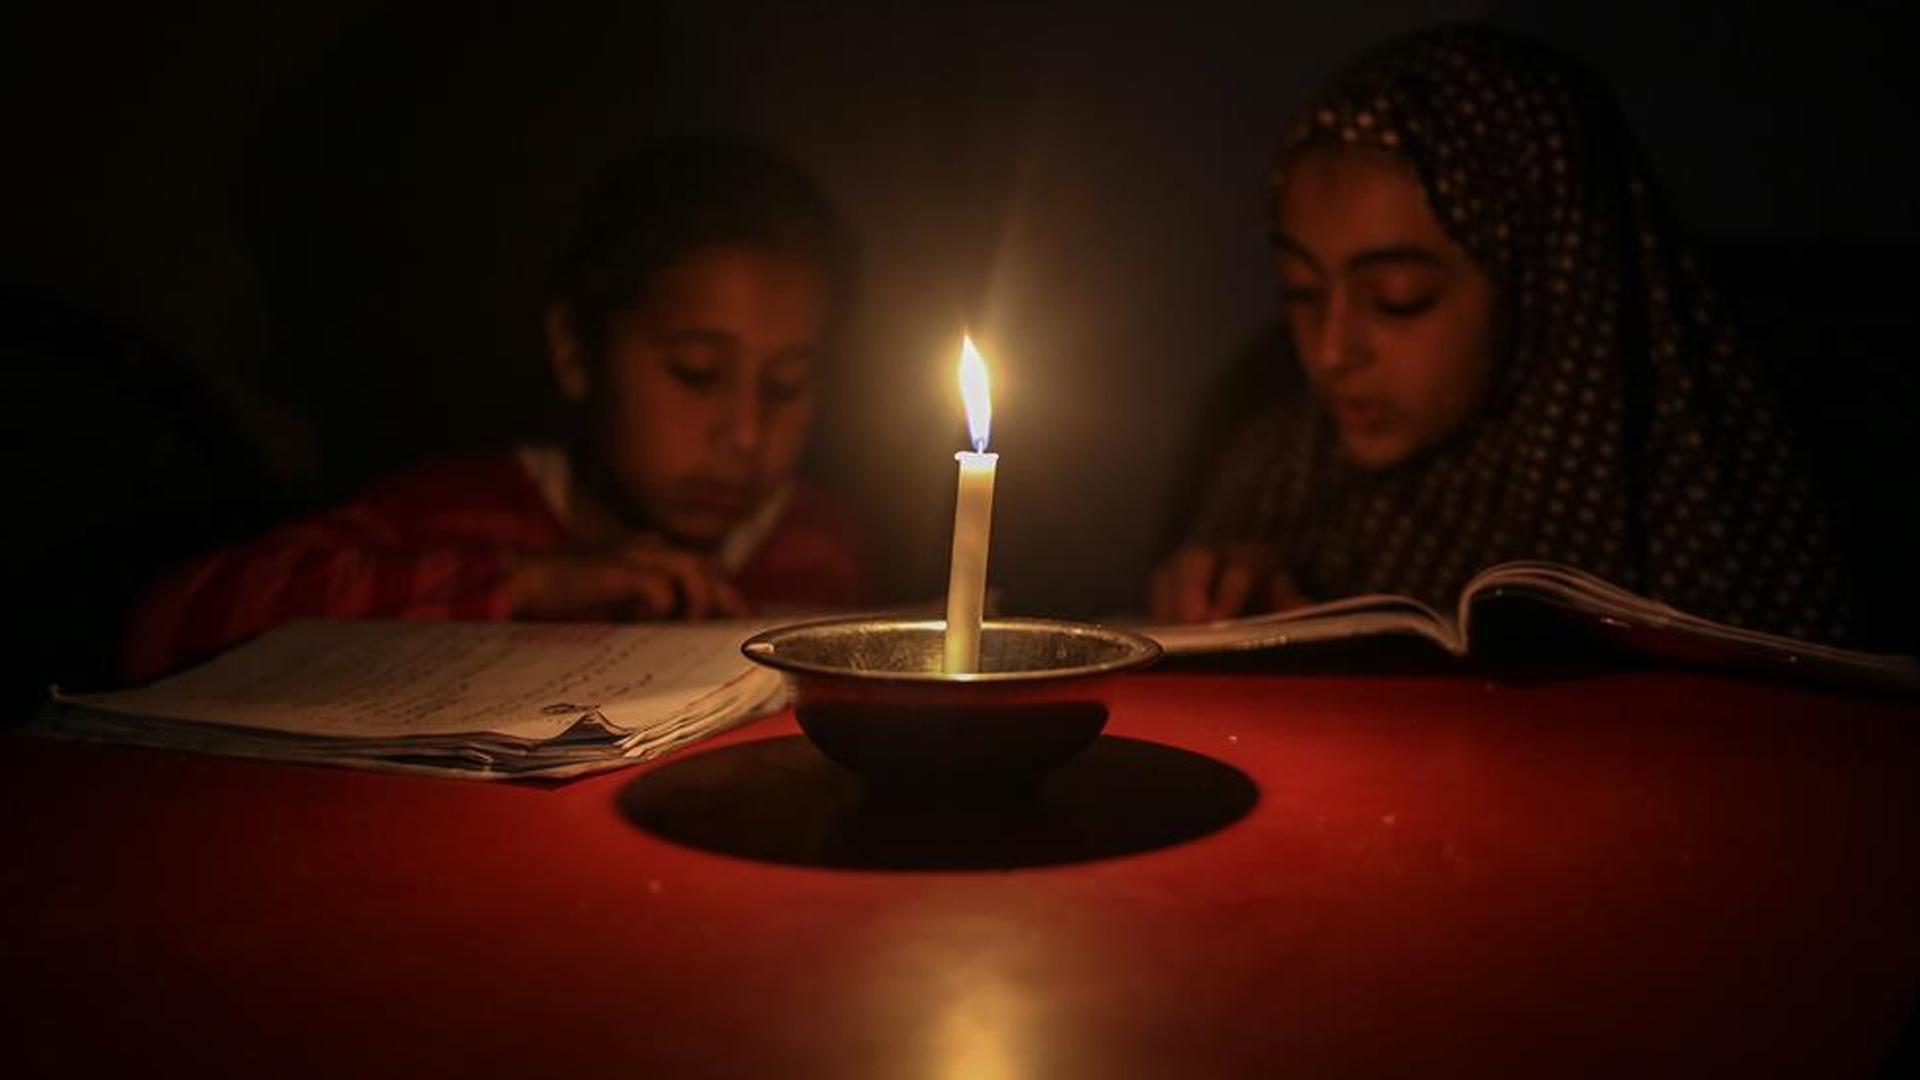 Siyonist İsrail Filistin'in Elektrik Borcunu Vergilerden Kesecek